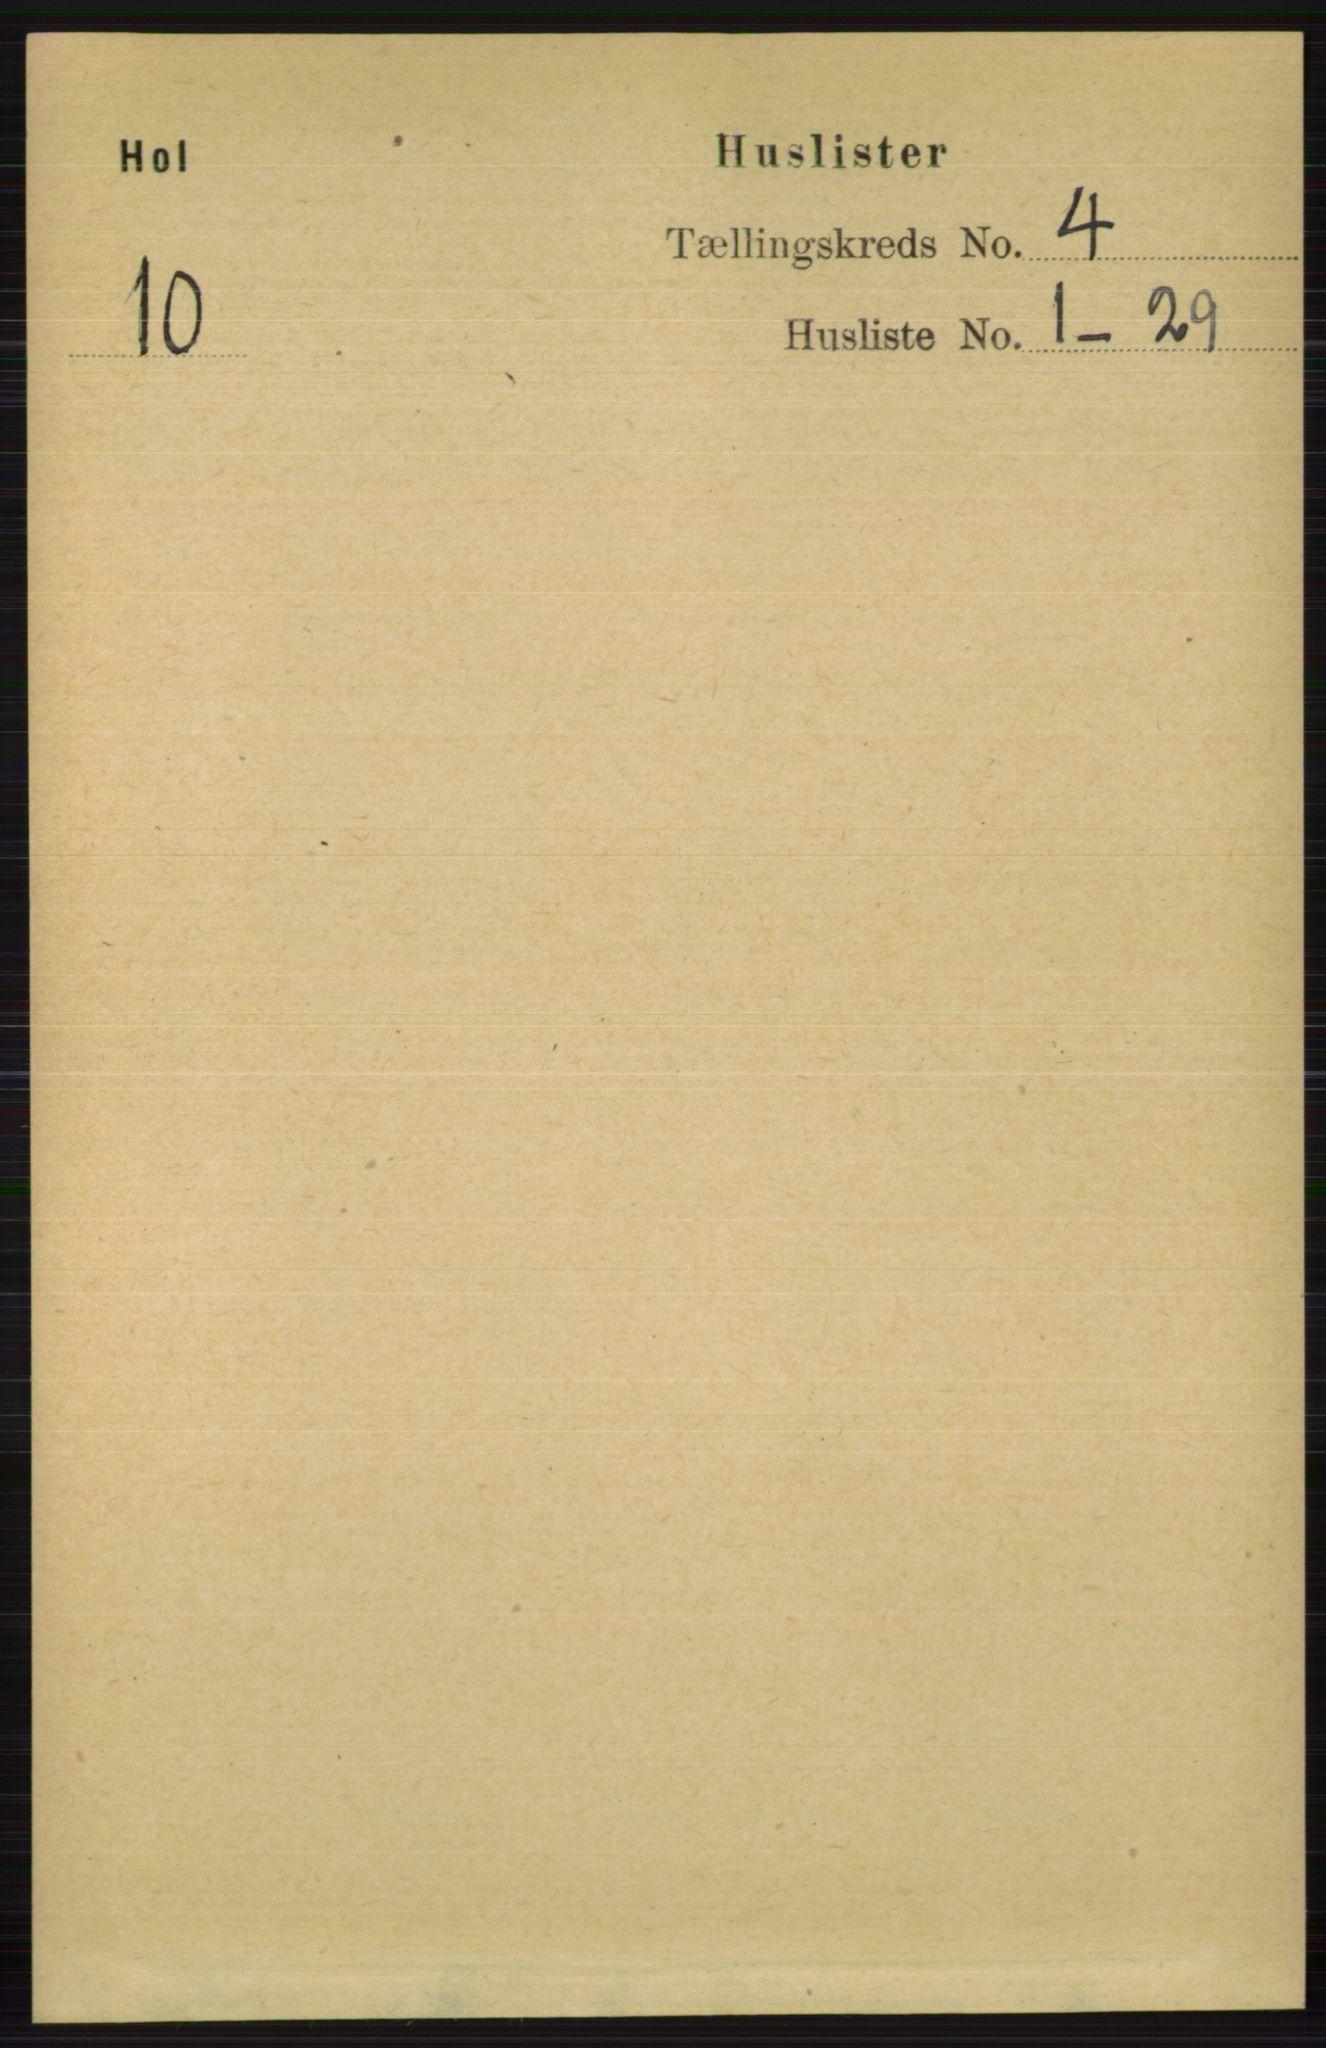 RA, Folketelling 1891 for 0620 Hol herred, 1891, s. 1225